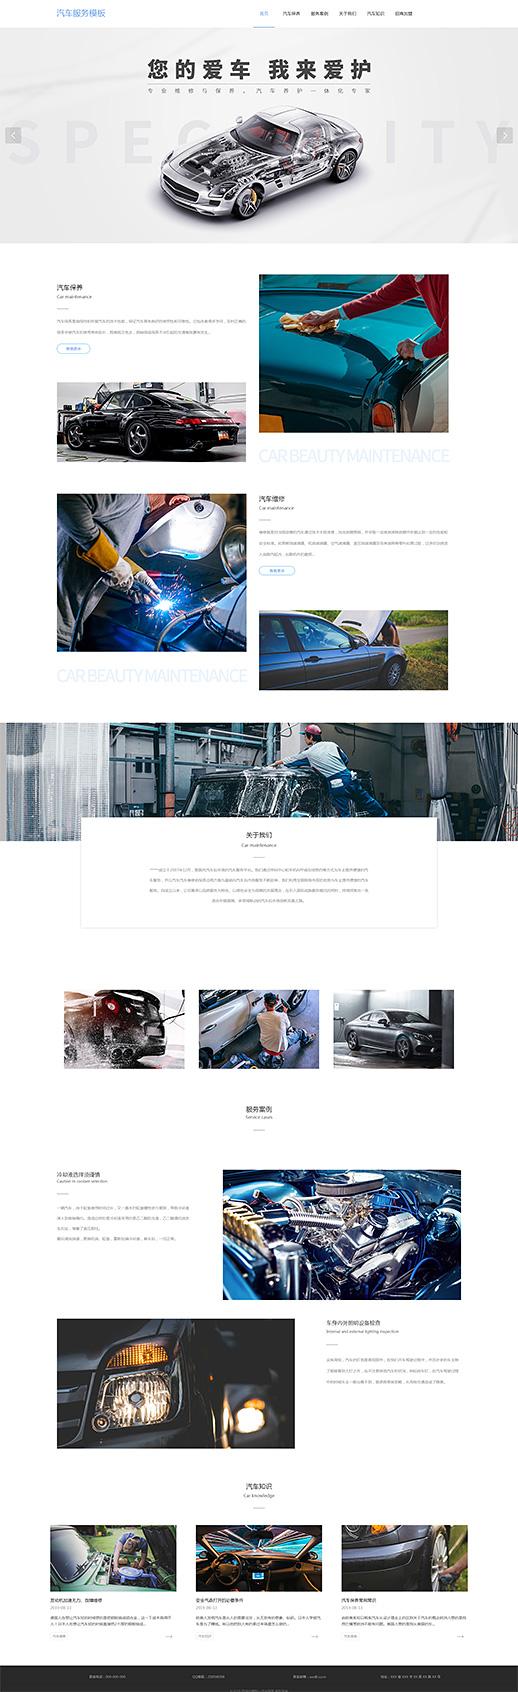 专业汽车服务汽车维修